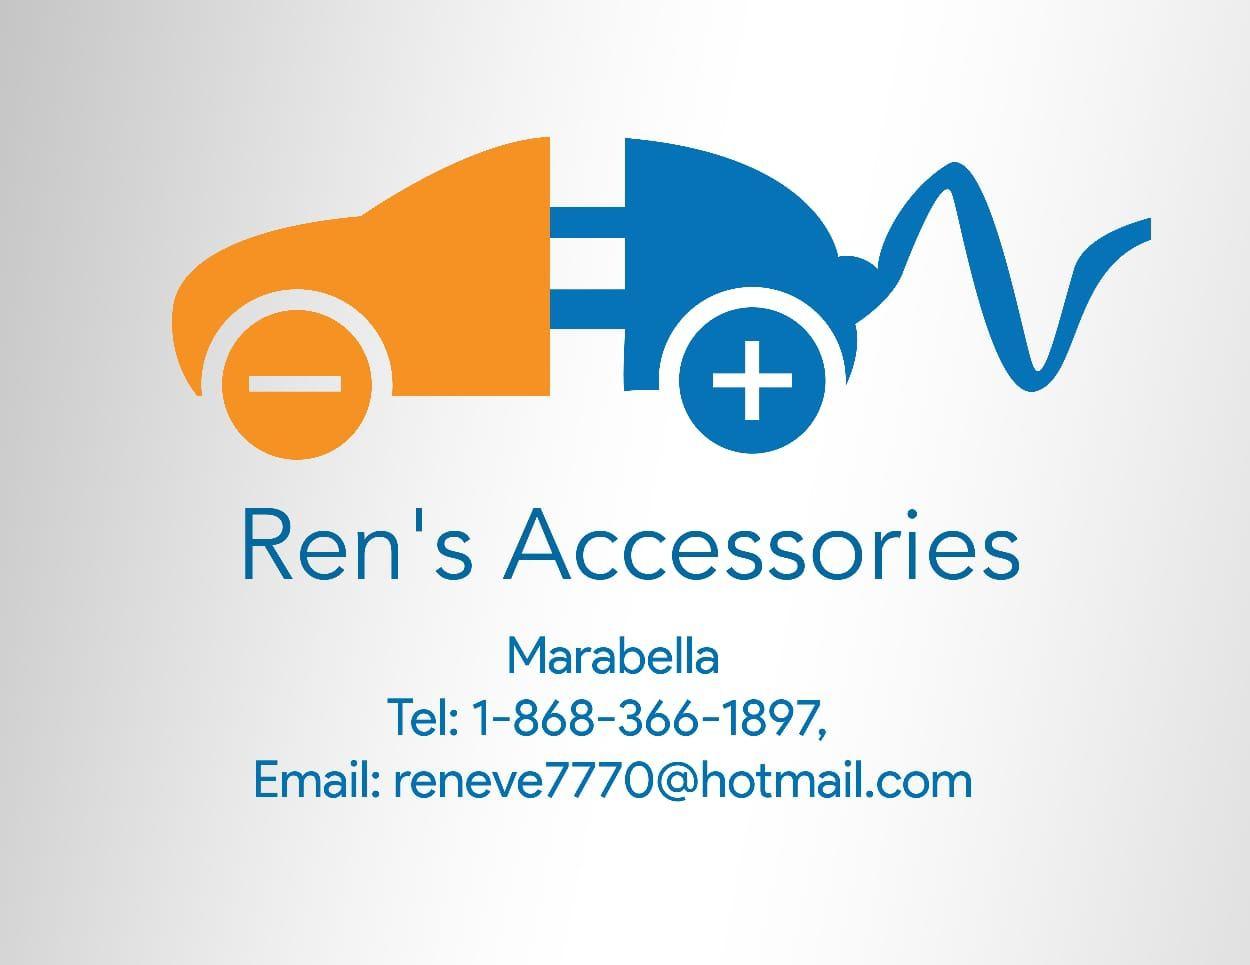 Ren's Accessories